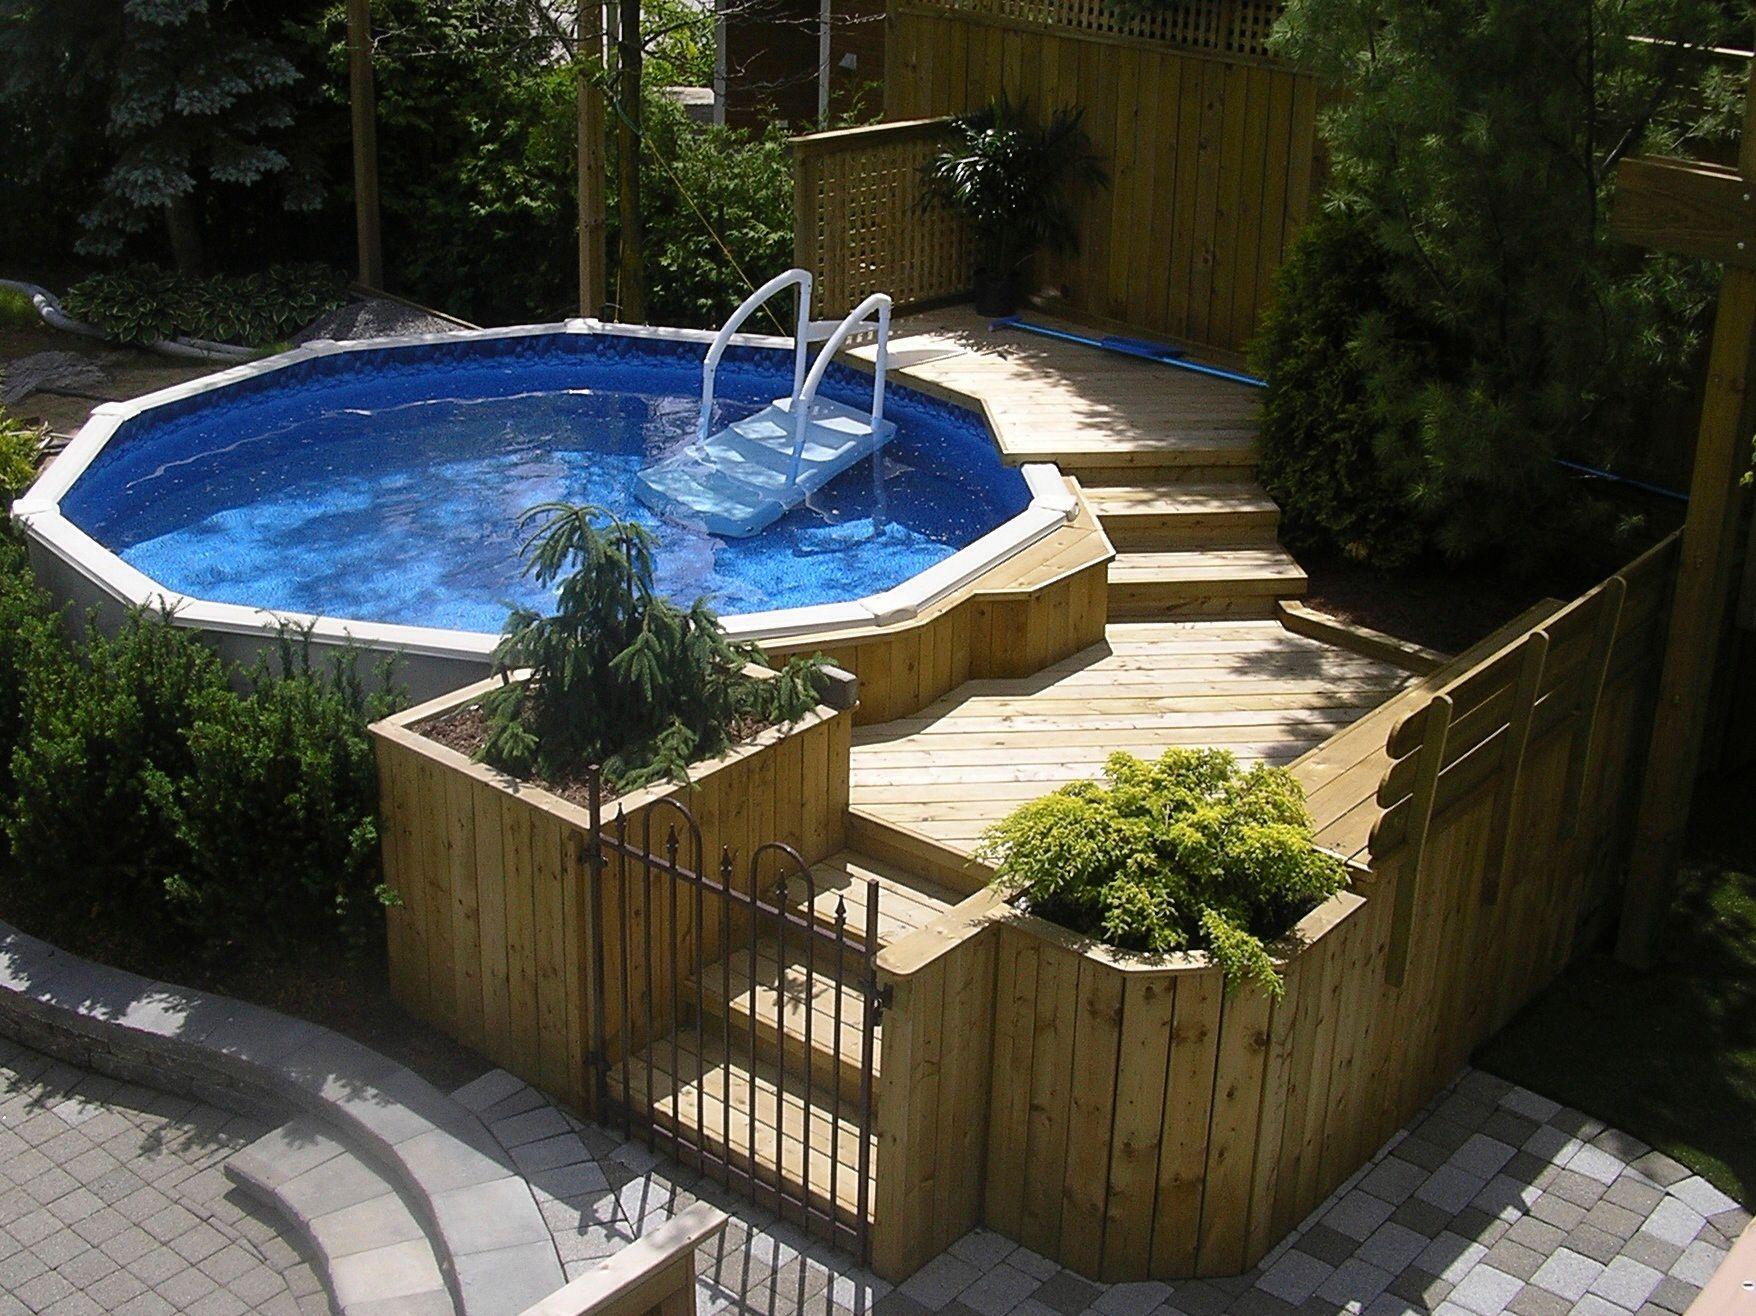 Piscine hors terre en harmonie avec la cour piscine en 2019 piscinas de nivel del suelo - Piscine hors sol avec escalier interieur ...